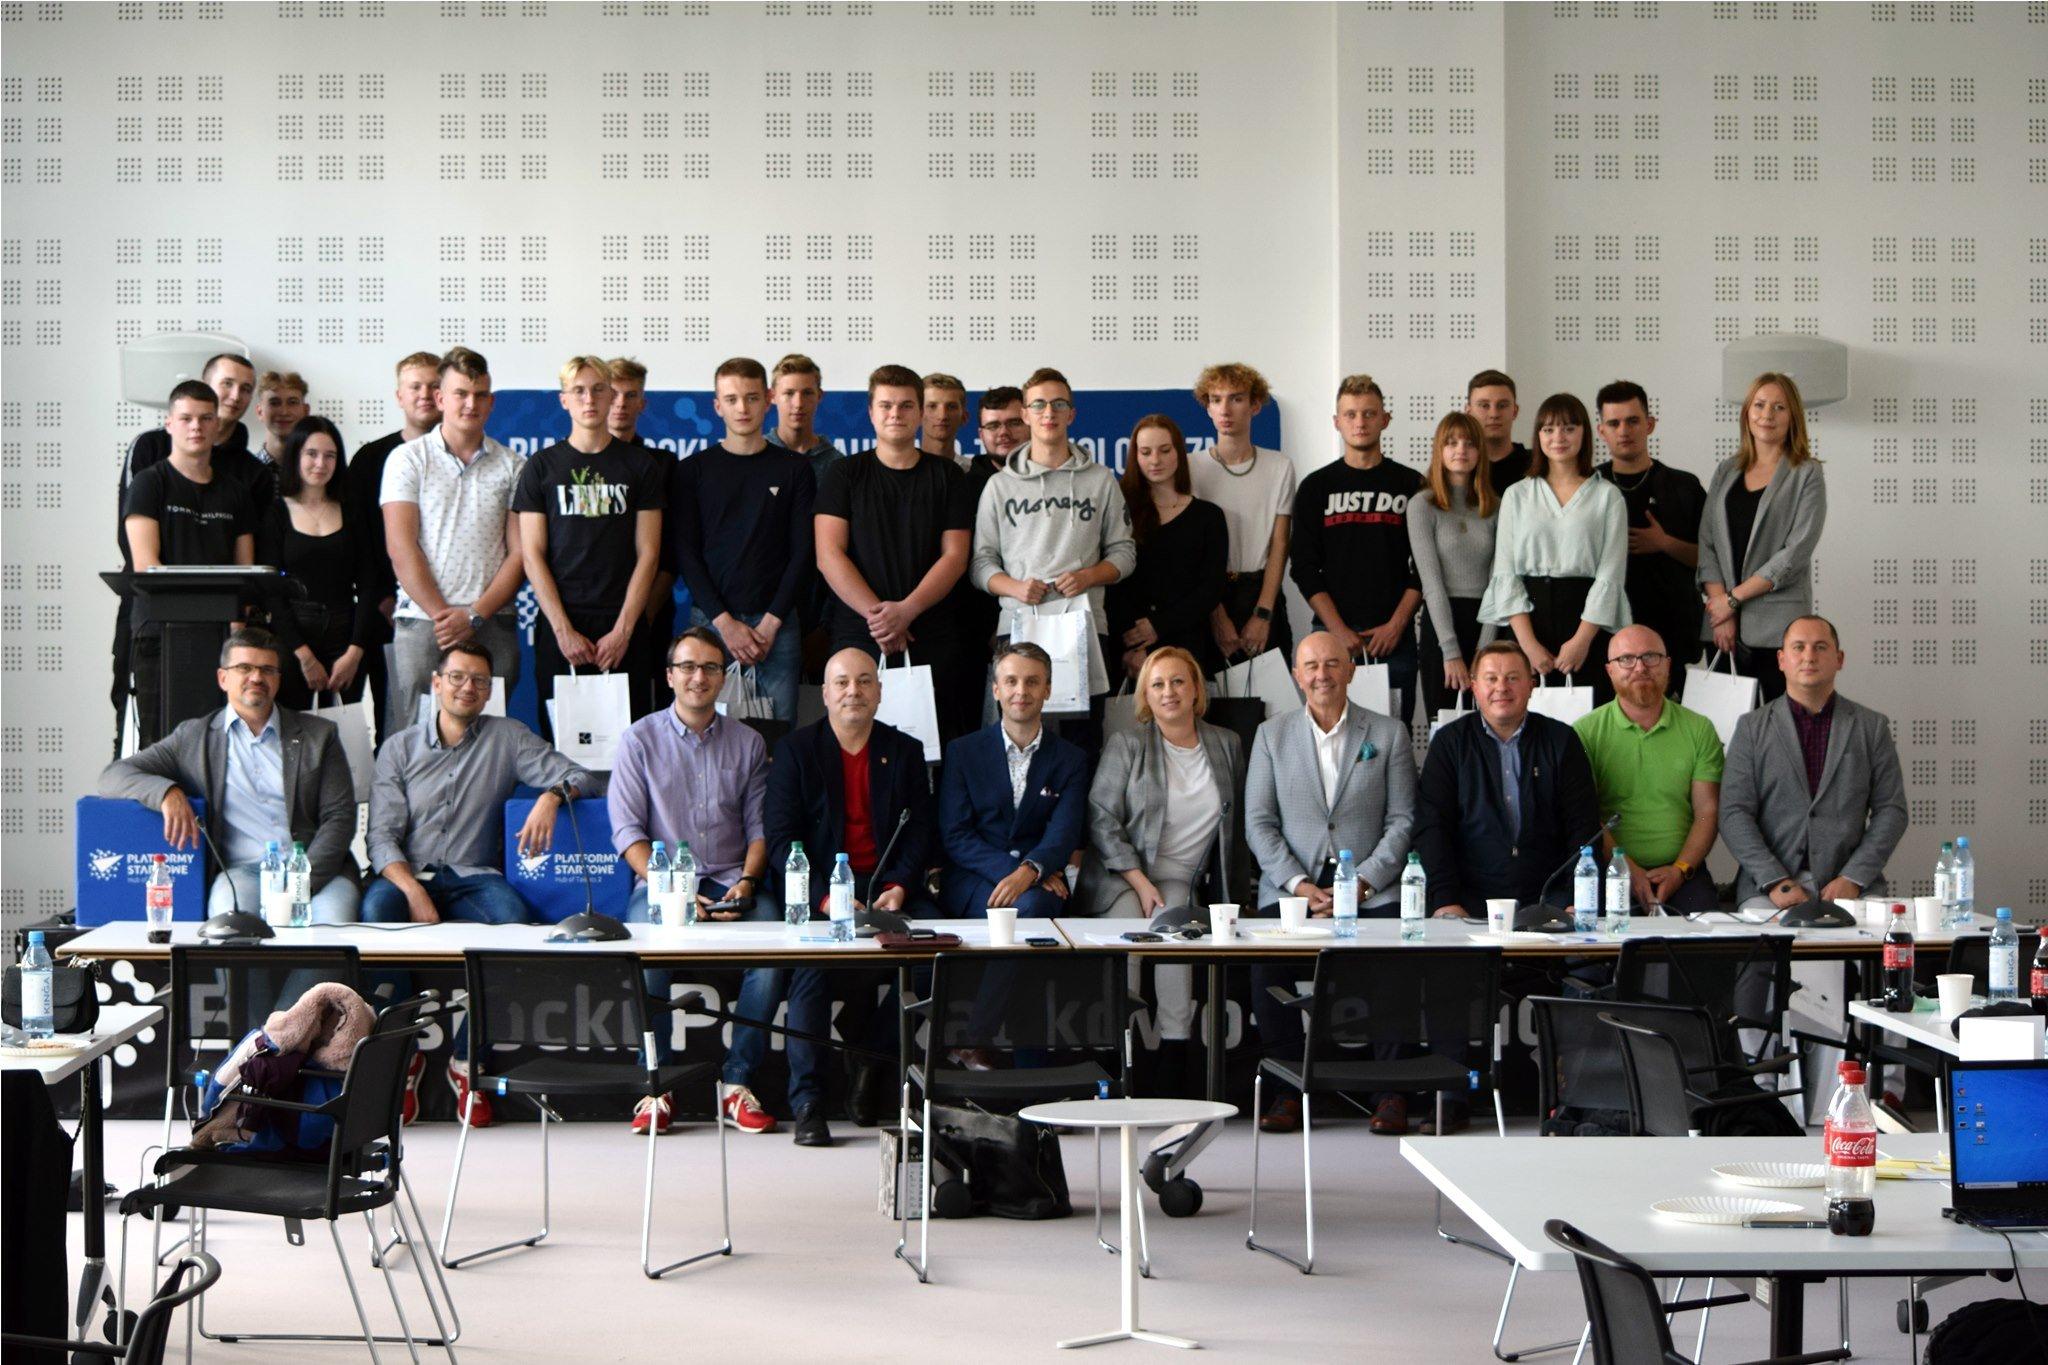 grupa młodych osób w sali konferencyjnej